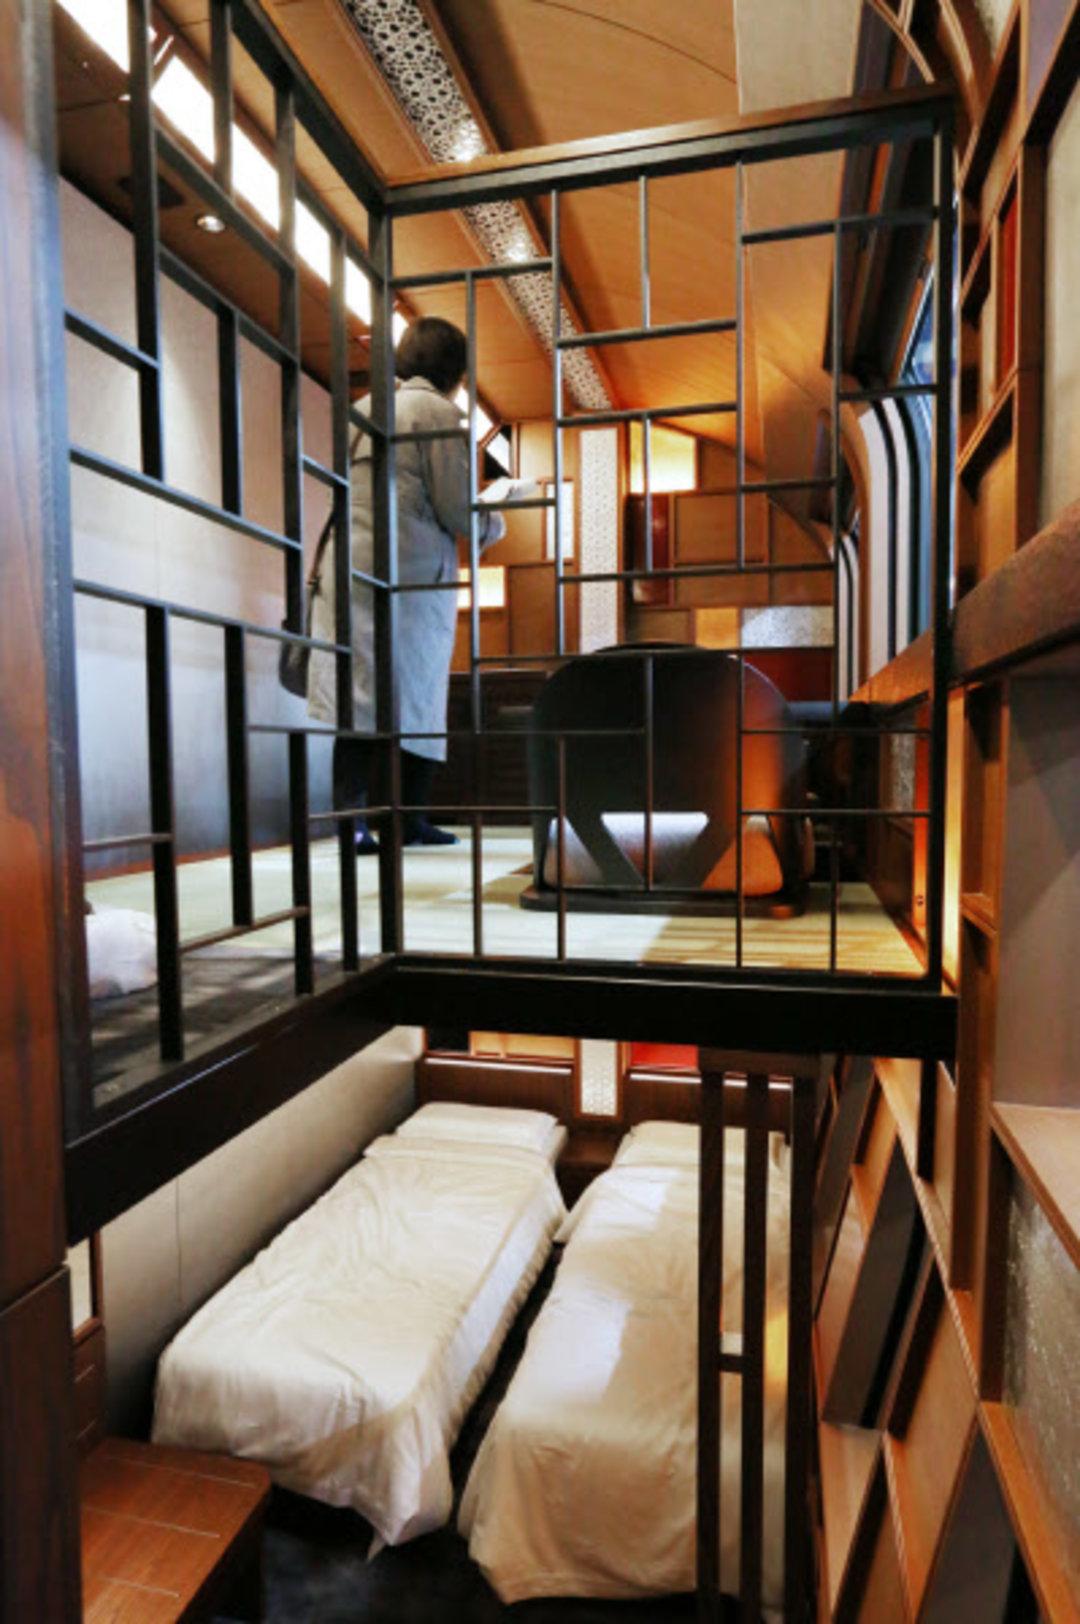 """热衷于列车旅行的日本人,又造了一辆""""行走的豪华酒店""""_设计_好奇心日报"""